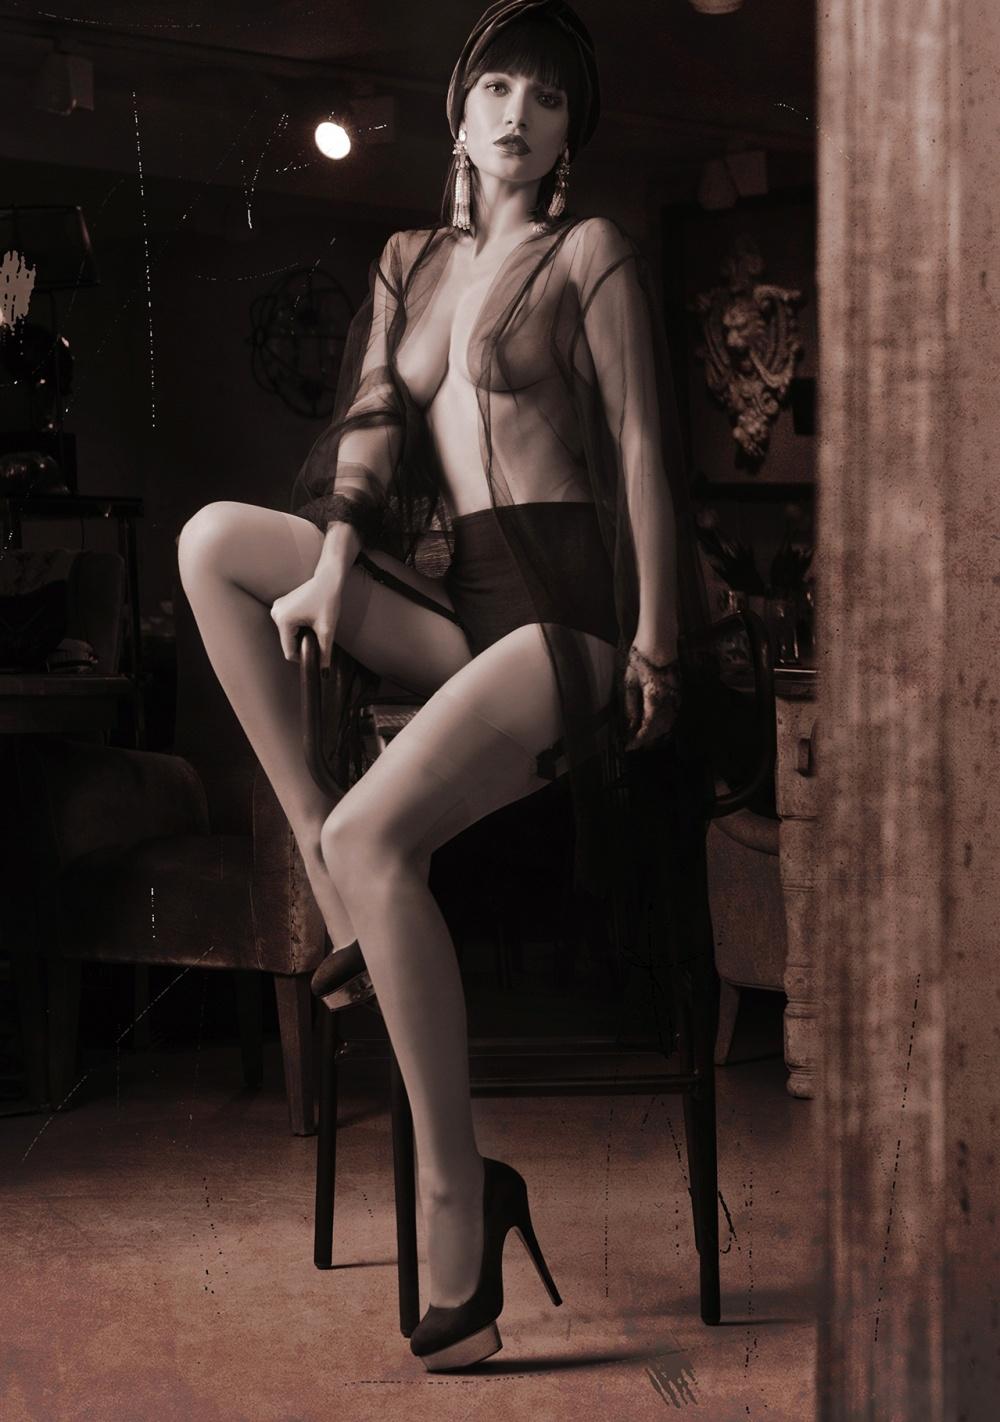 Голая Евгения Брик во всей красе на секс фотках и видео